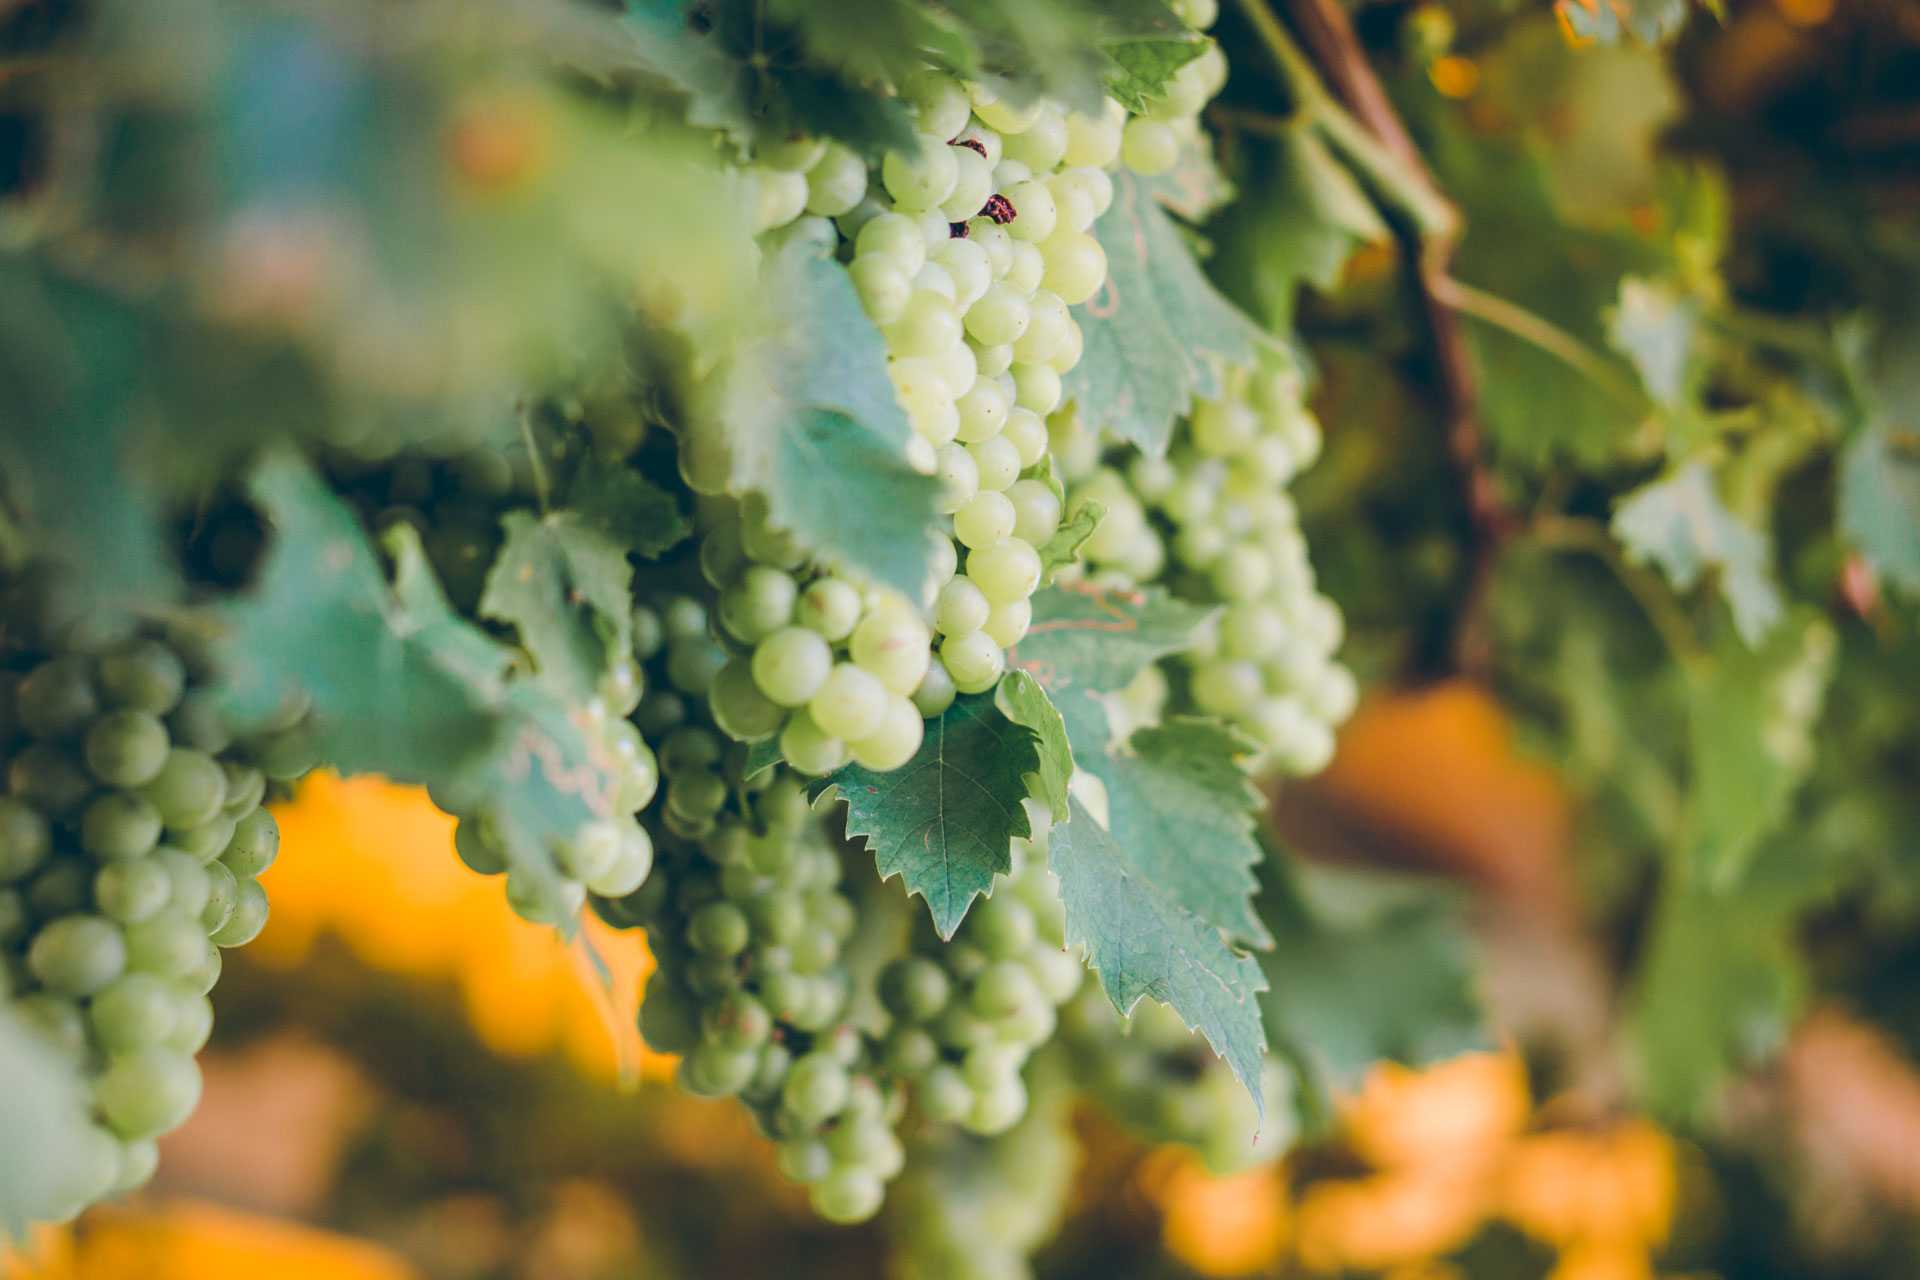 Pralle Weinreben in der Hochzeitslocation in Slowenien